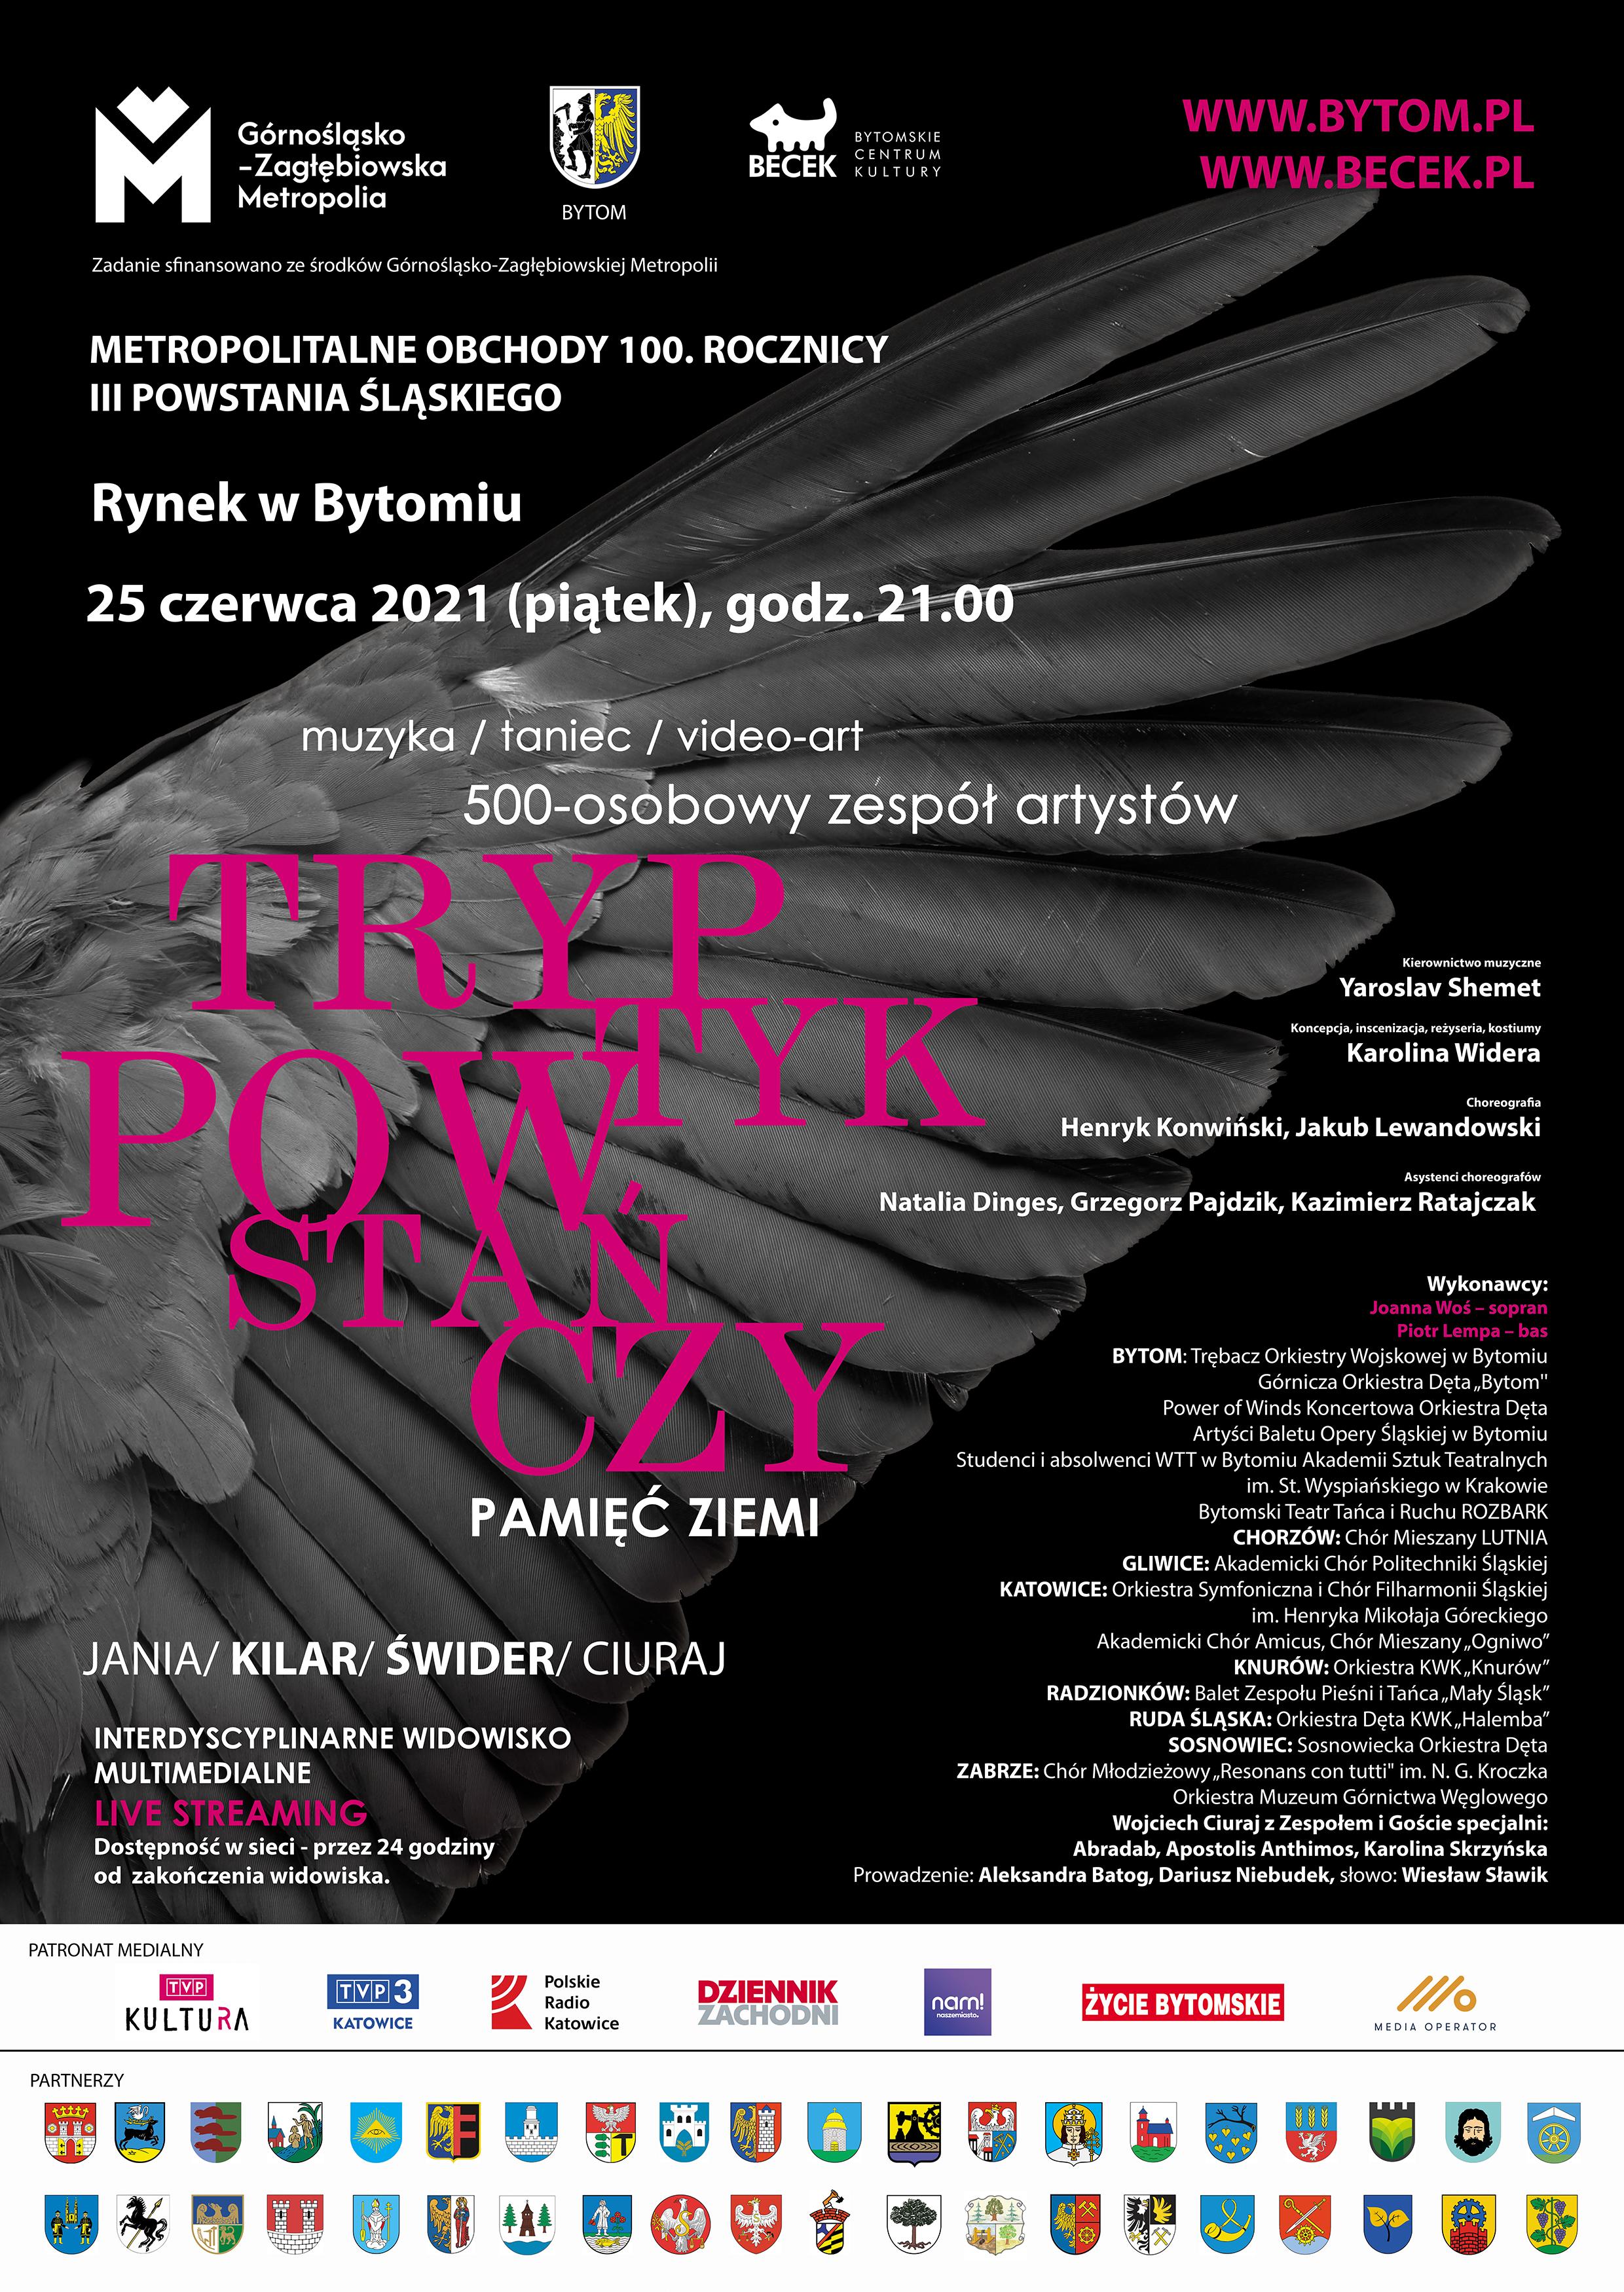 Plakat informujący o Widowisku Multimedialnym 25 czerwca o 21:00 na rynku w Bytomiu